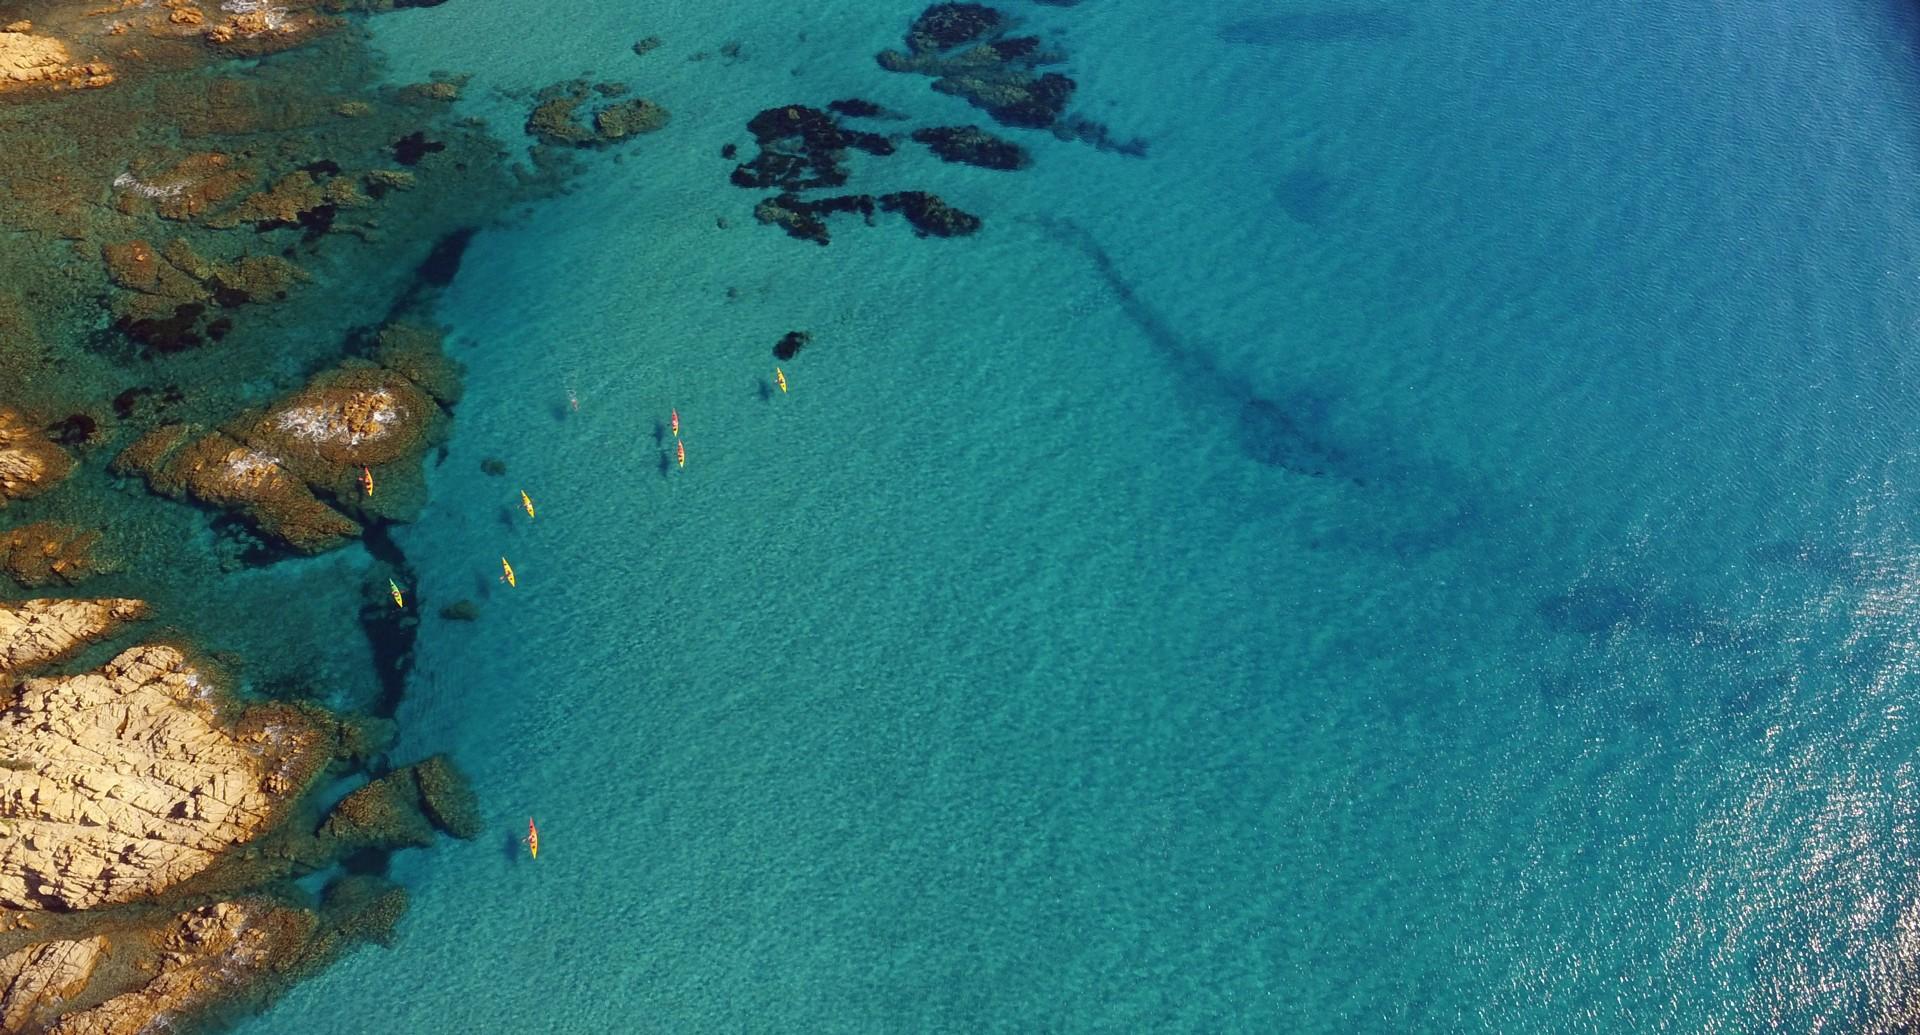 Spiaggia sa Curcurica - sea kayaking aerial shot1.jpg - Sardinia - Wilderness Blue Sea Kayaking - Kayaking